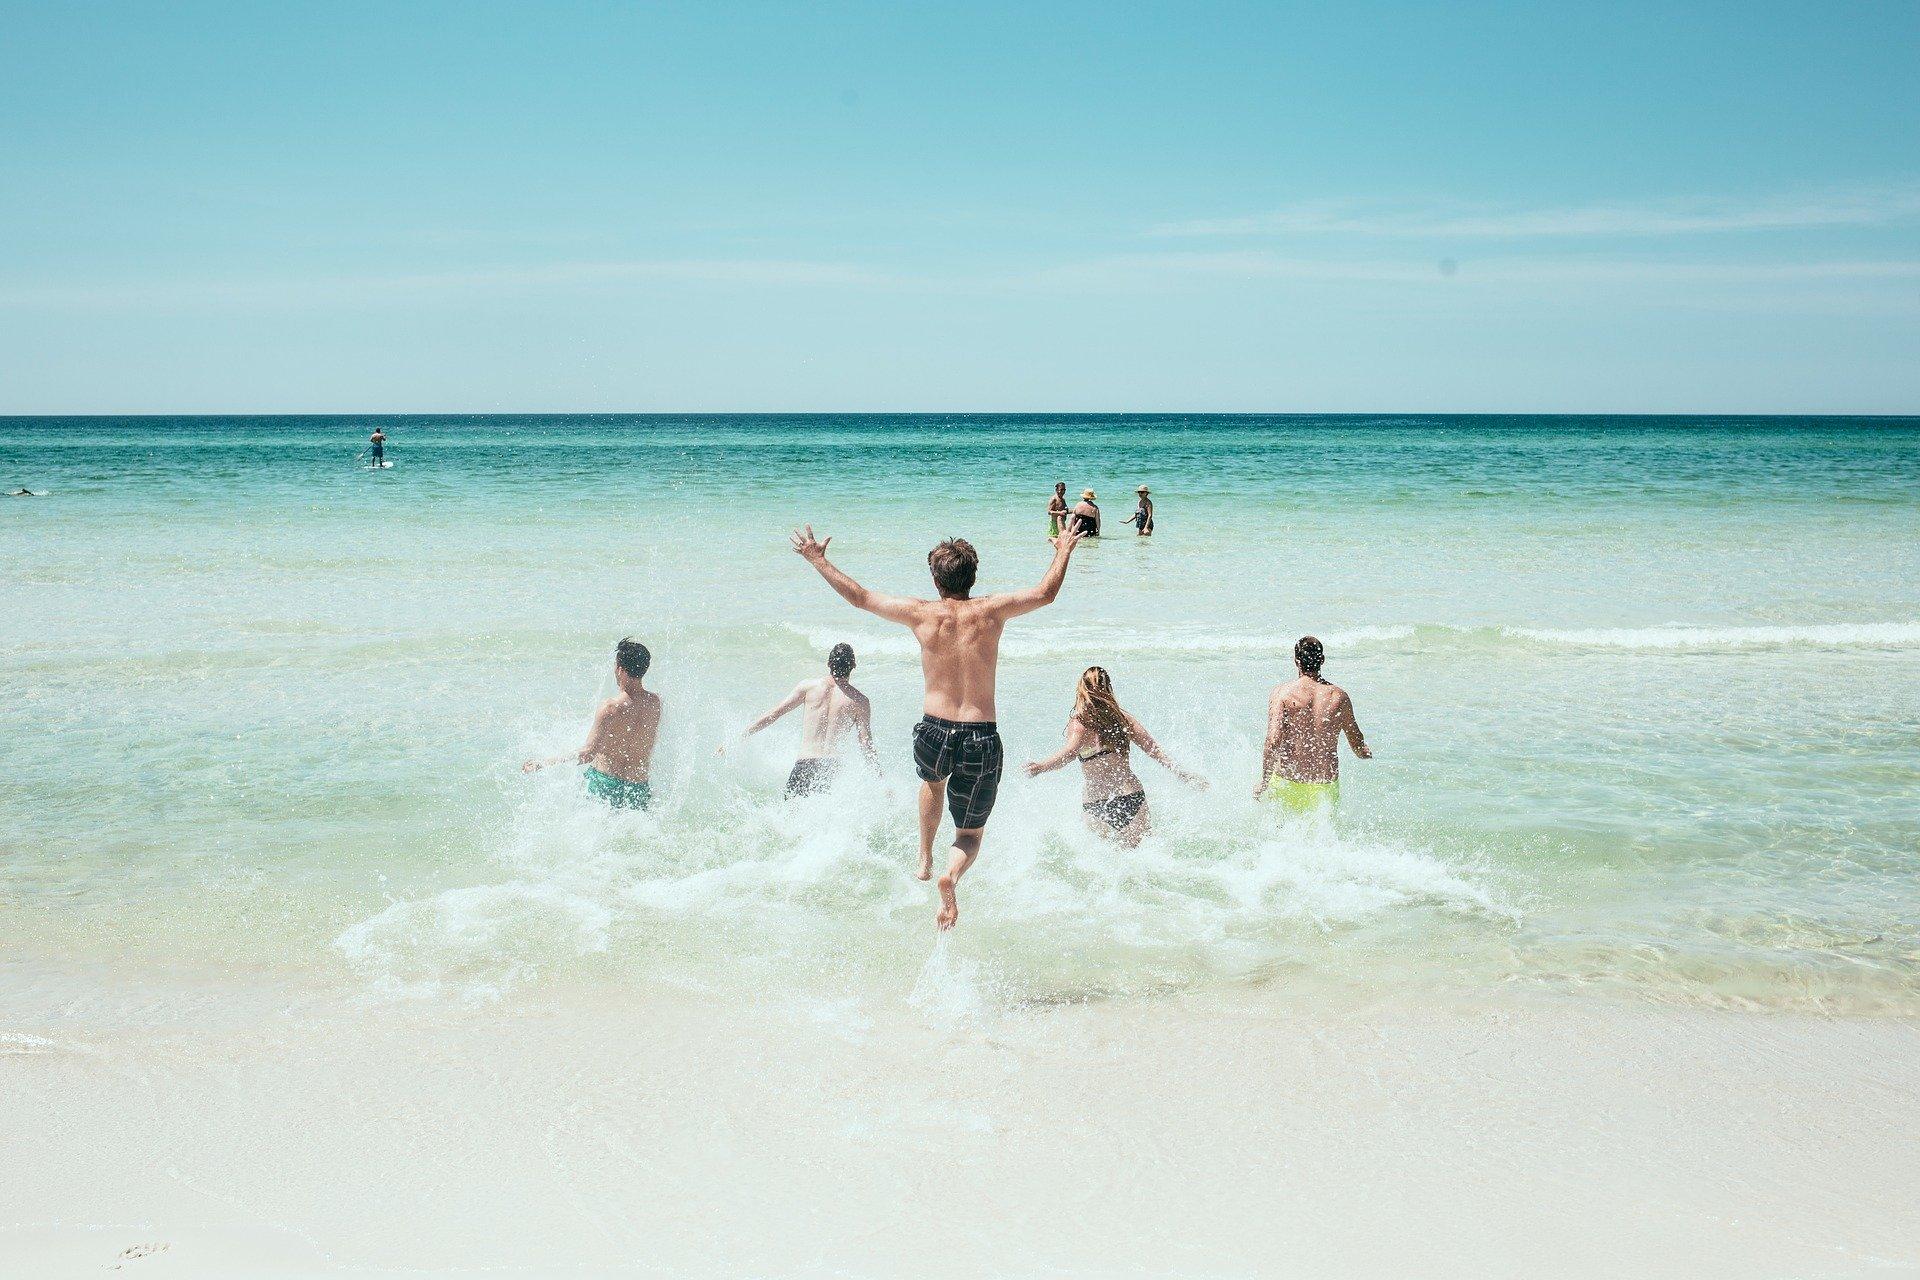 Kreta lato 2020 Pabianice. Zaplanuj wymarzone wakacje na słonecznej Krecie